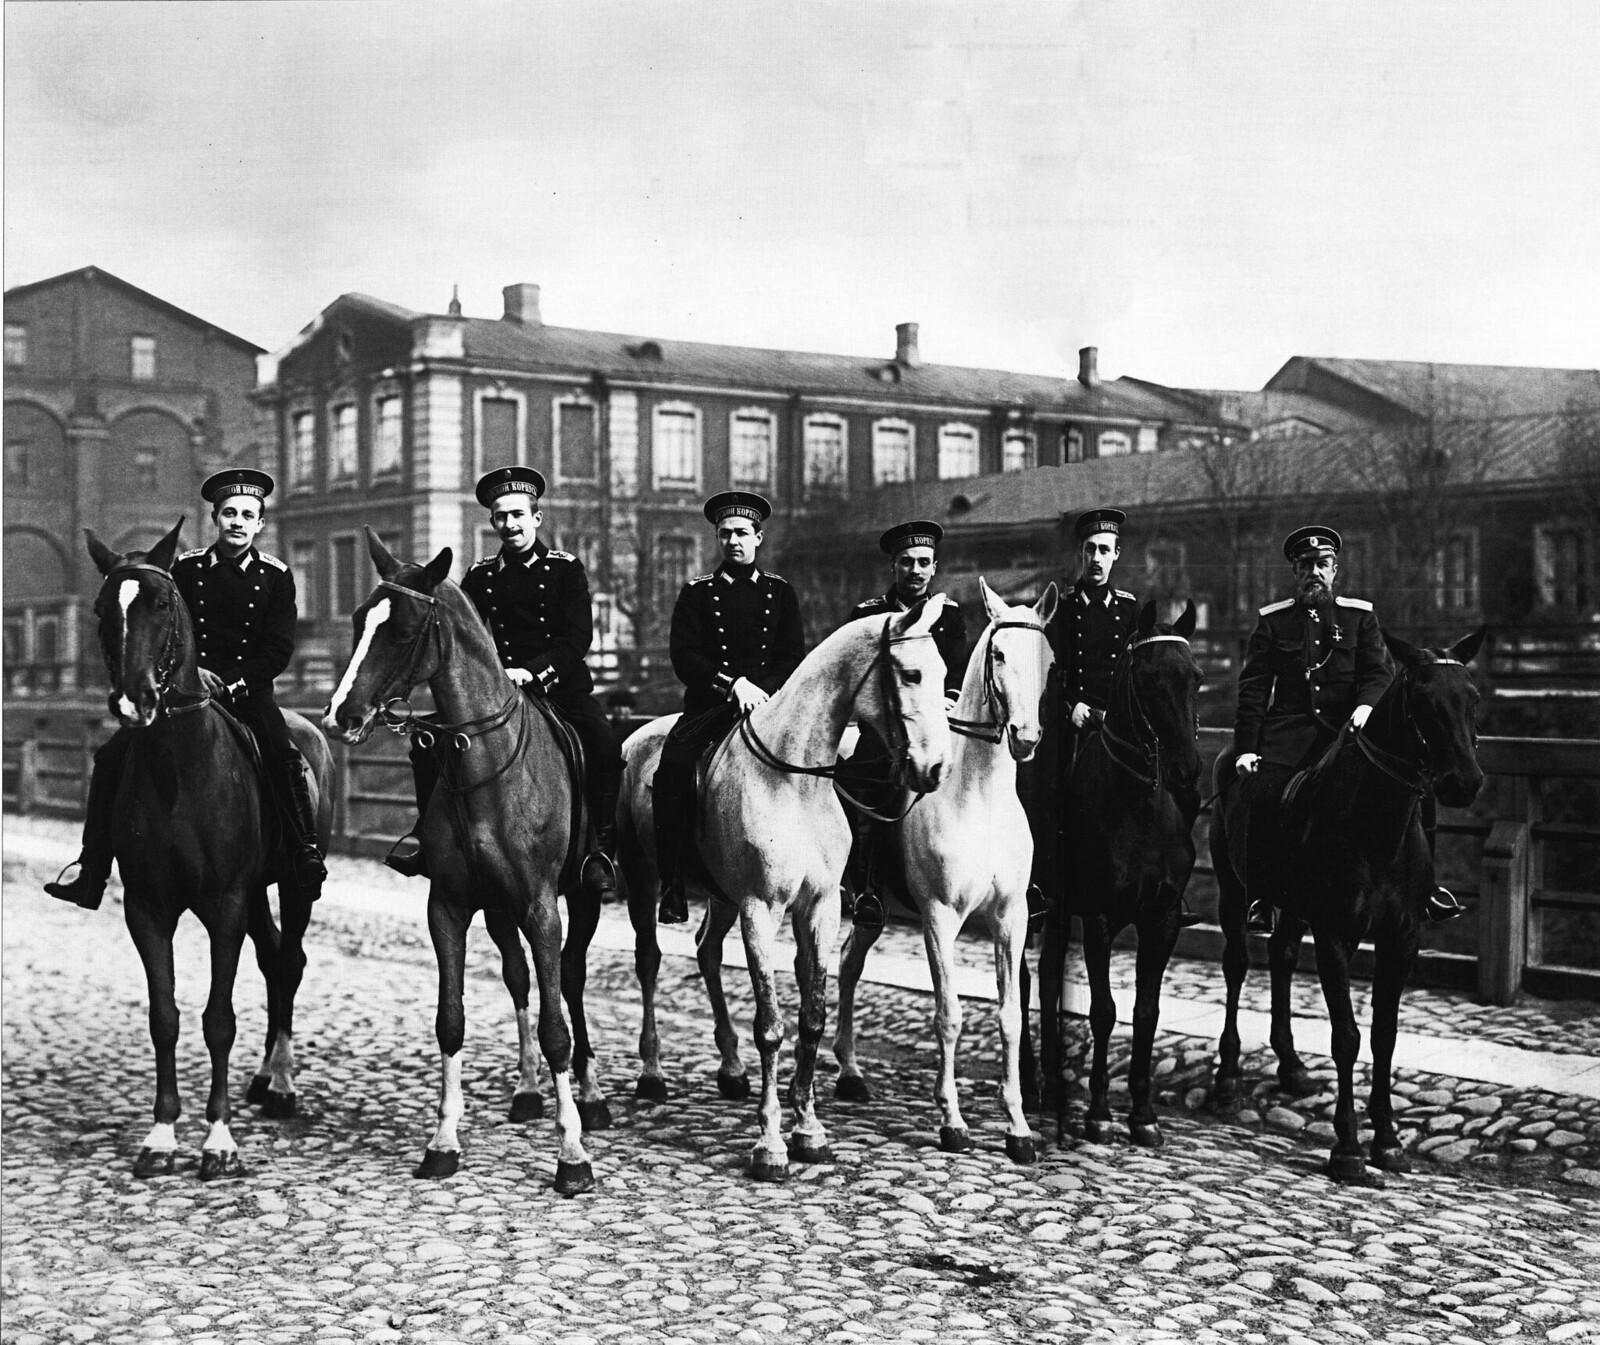 1900-е. Гардемарины и офицер на занятиях верховой ездой